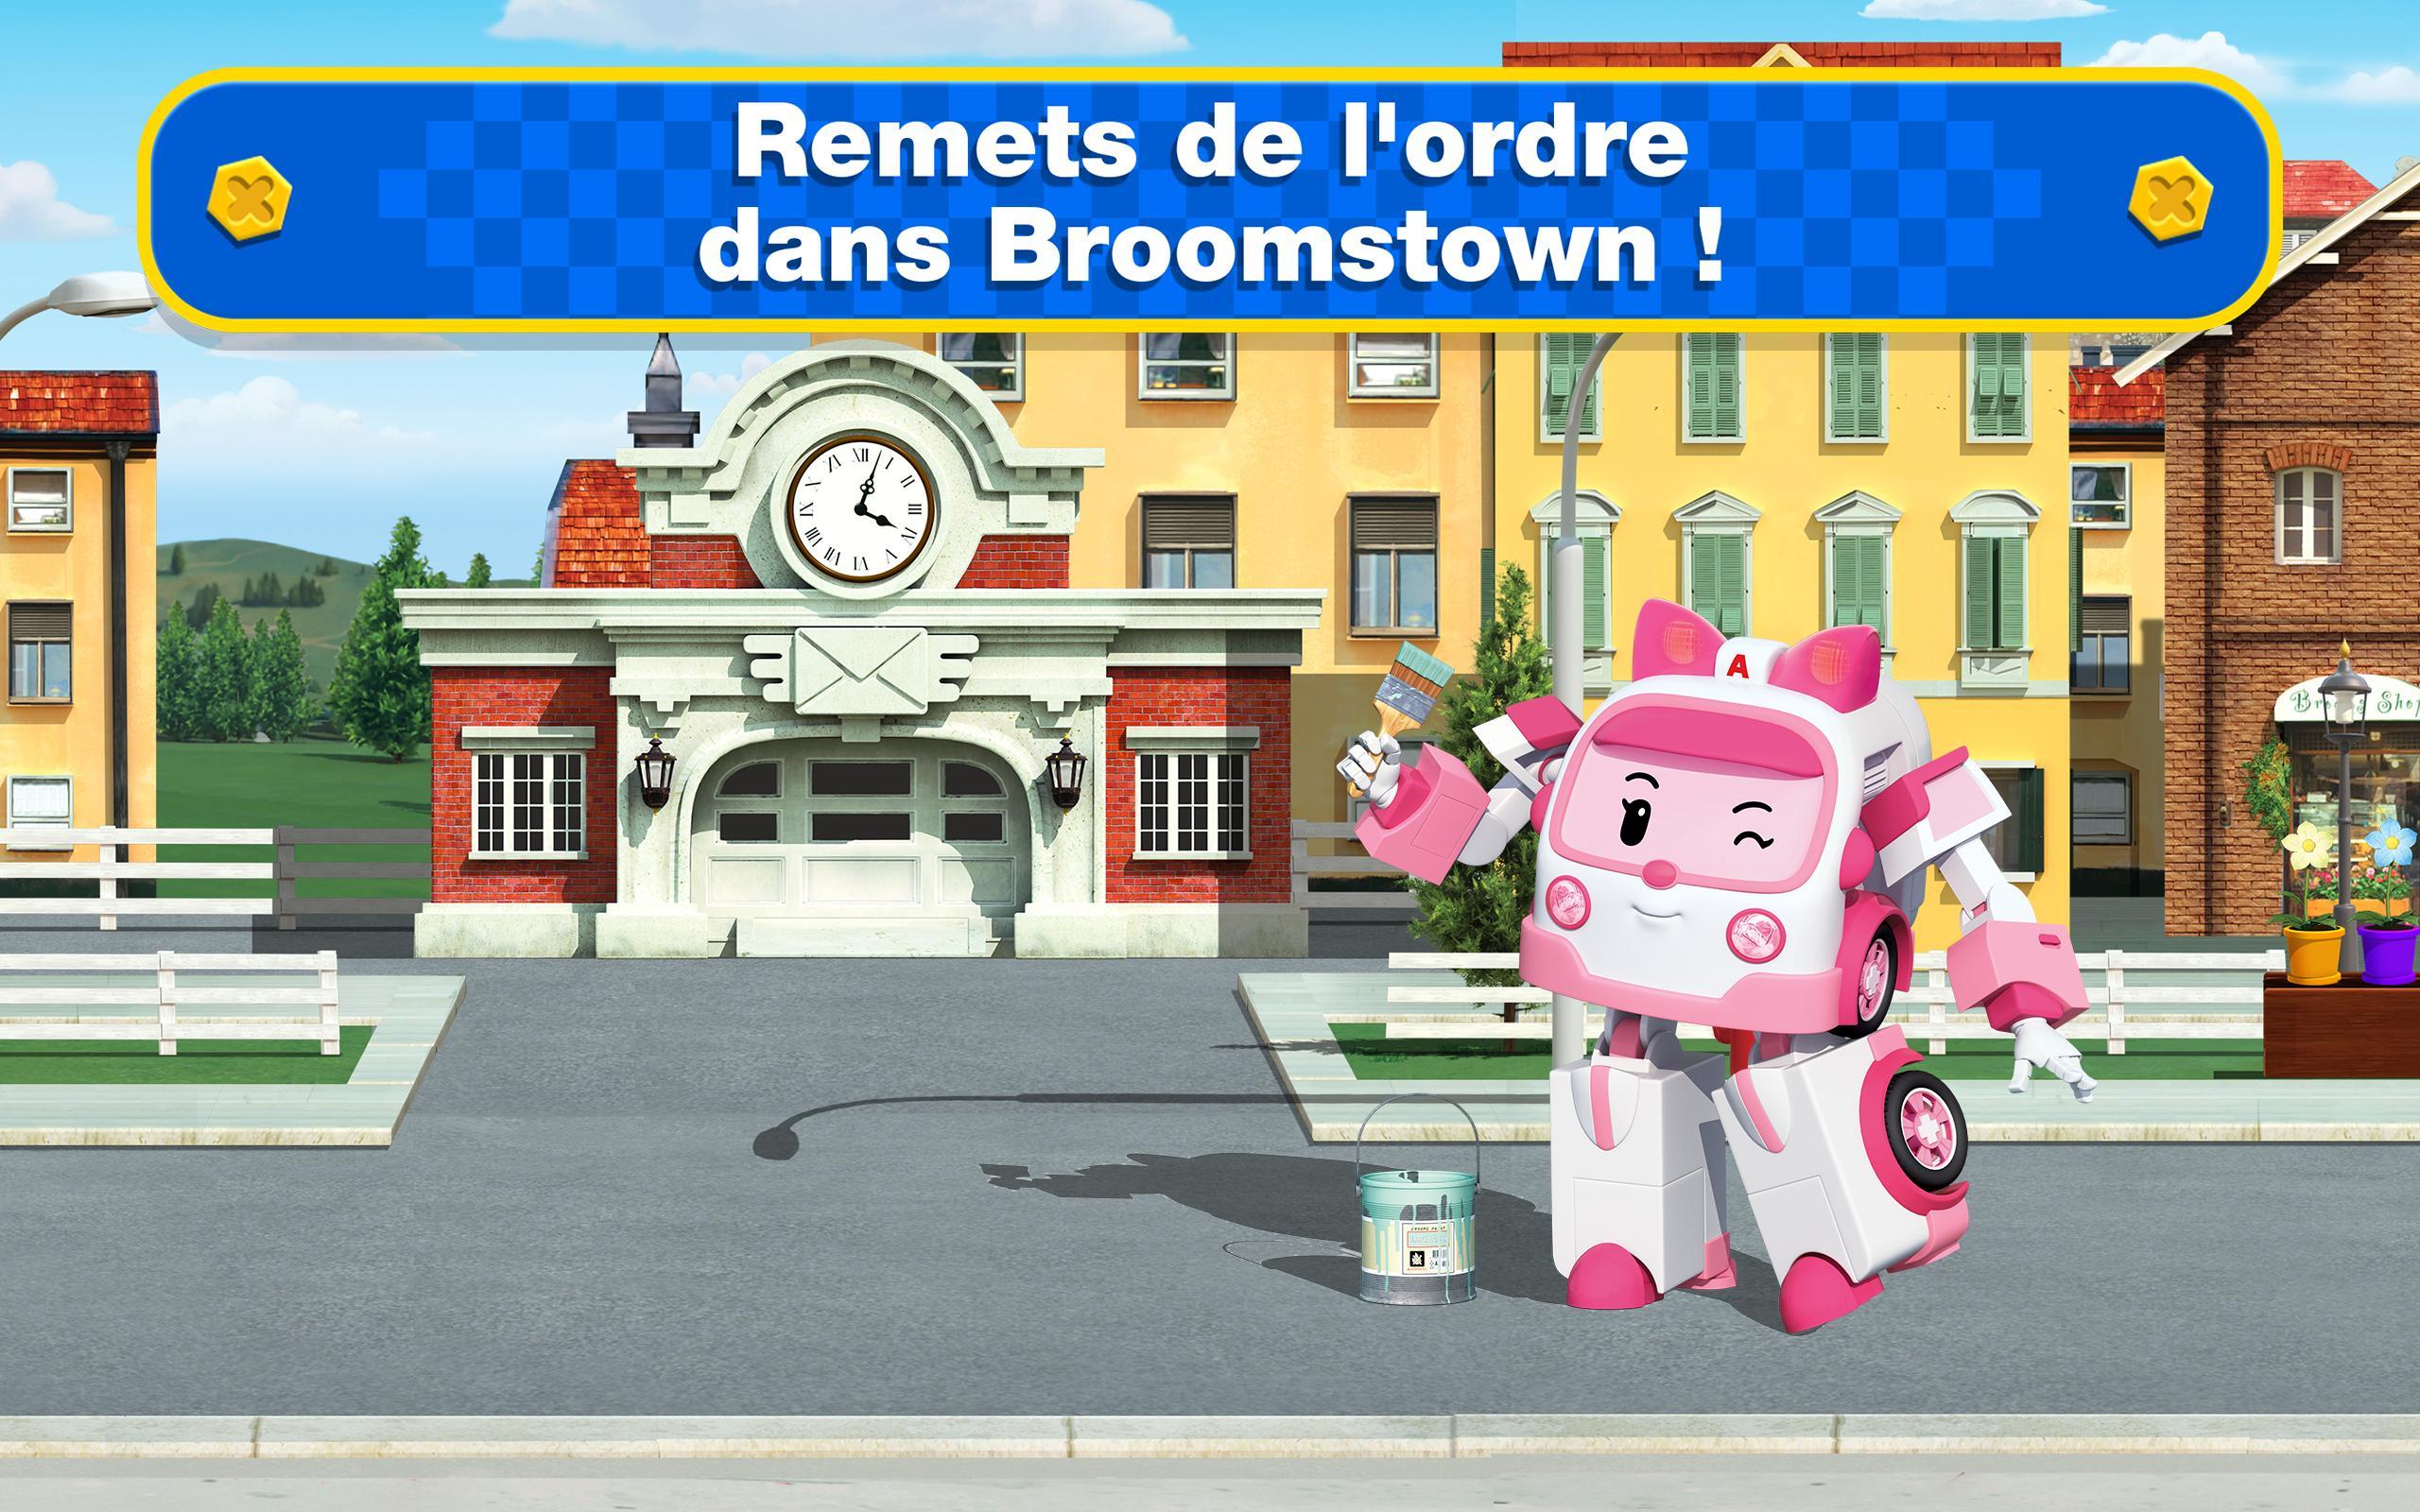 Robocar Poli Jeux 3 4 5 Ans Gratuit Games For Boys Pour dedans Jeux Gratuit 4 Ans